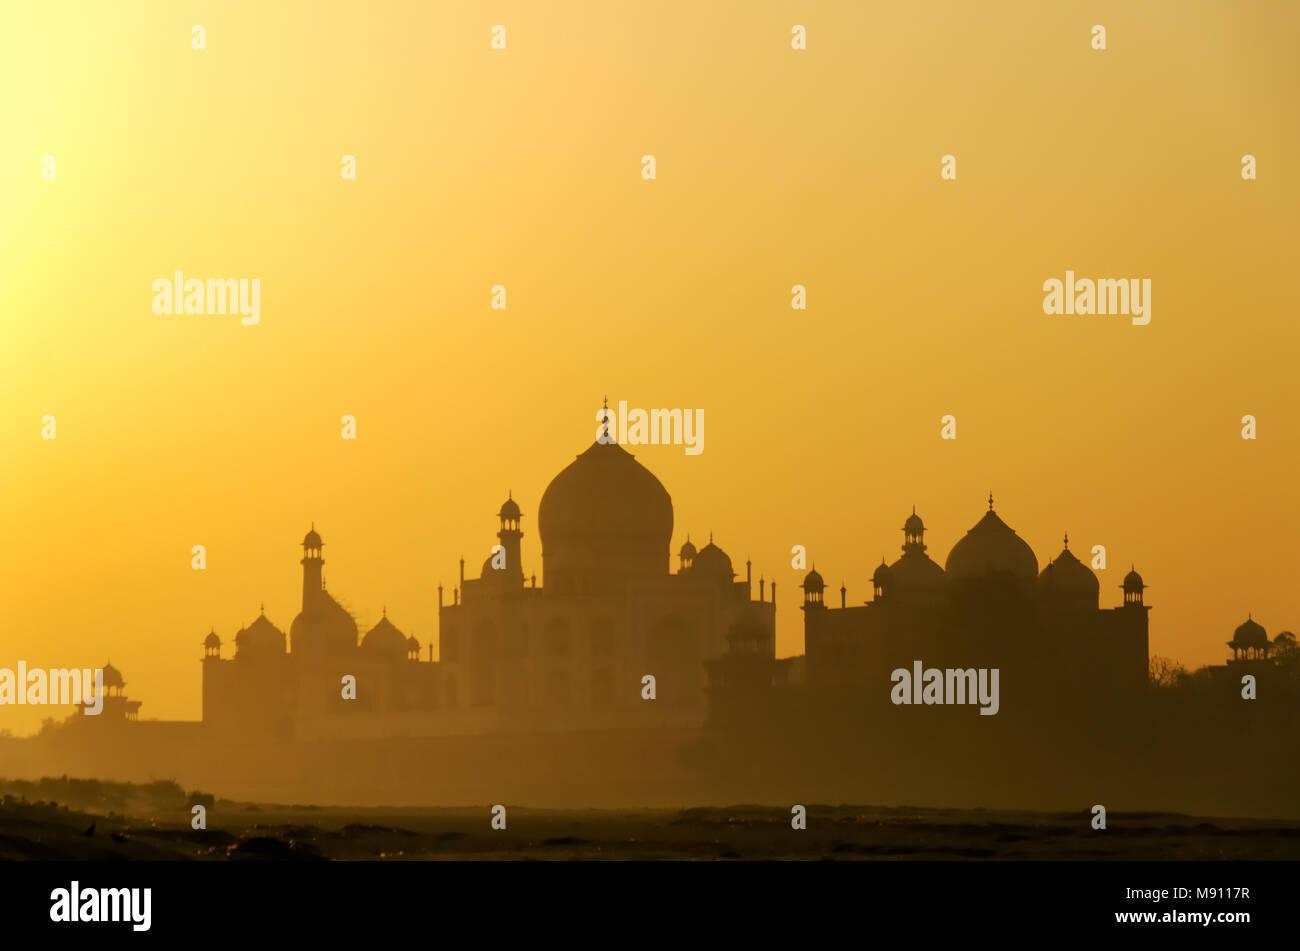 Amanecer vista del Taj Mahal en Agra, Uttar Pradesh, India. Es uno de los más visitados de hito en la India. Imagen De Stock